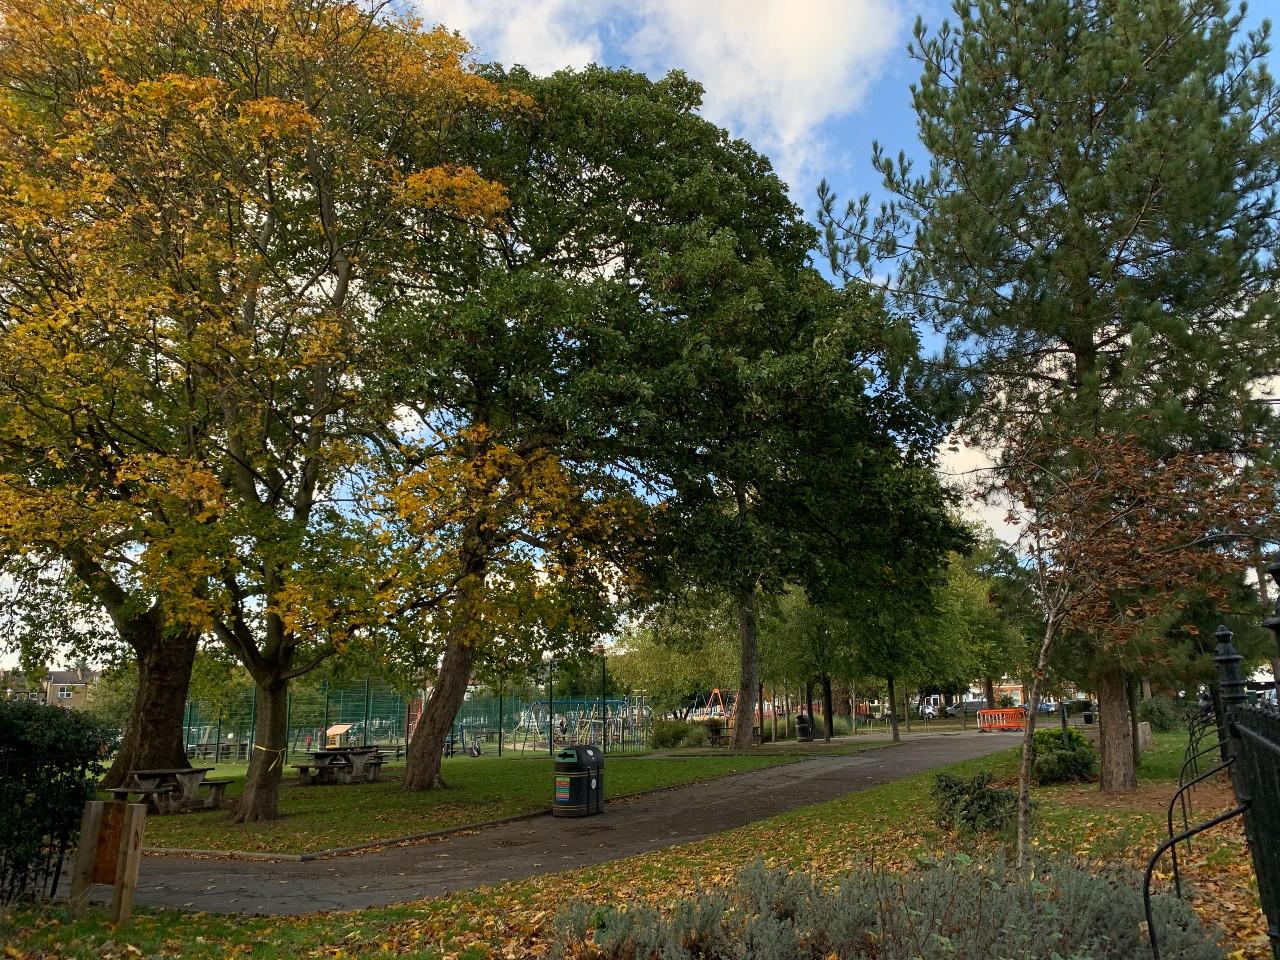 Abbott's Park